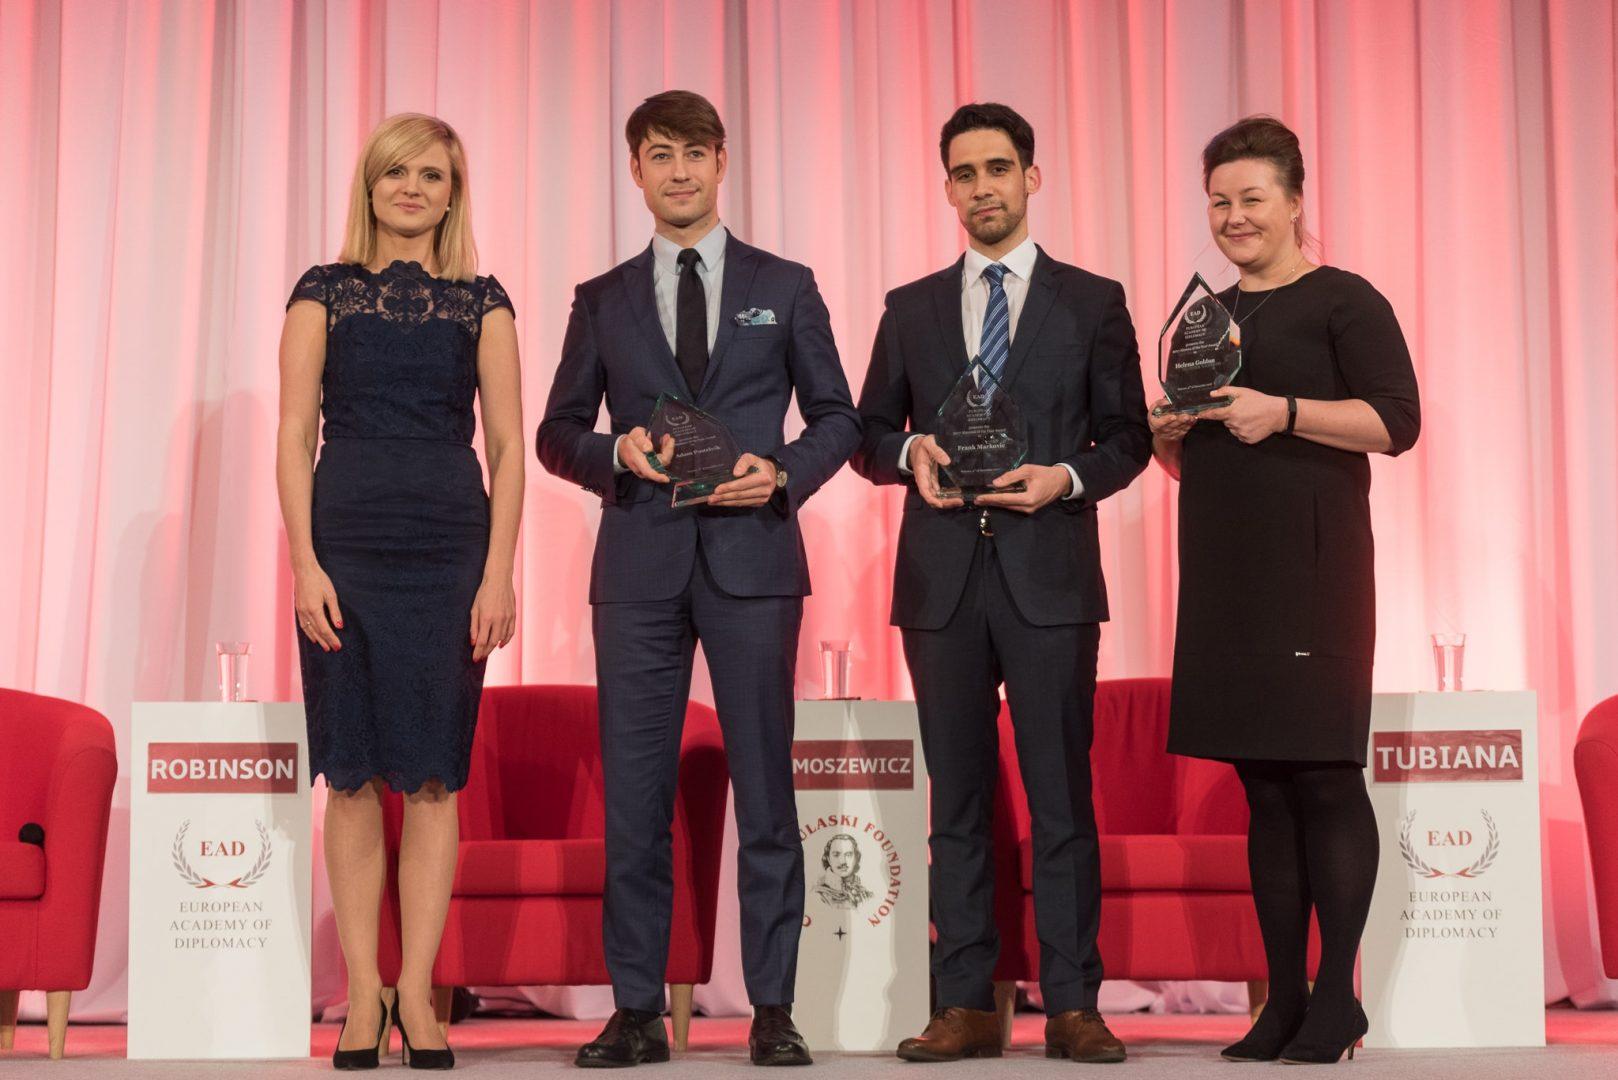 2017 Alumni of the Year